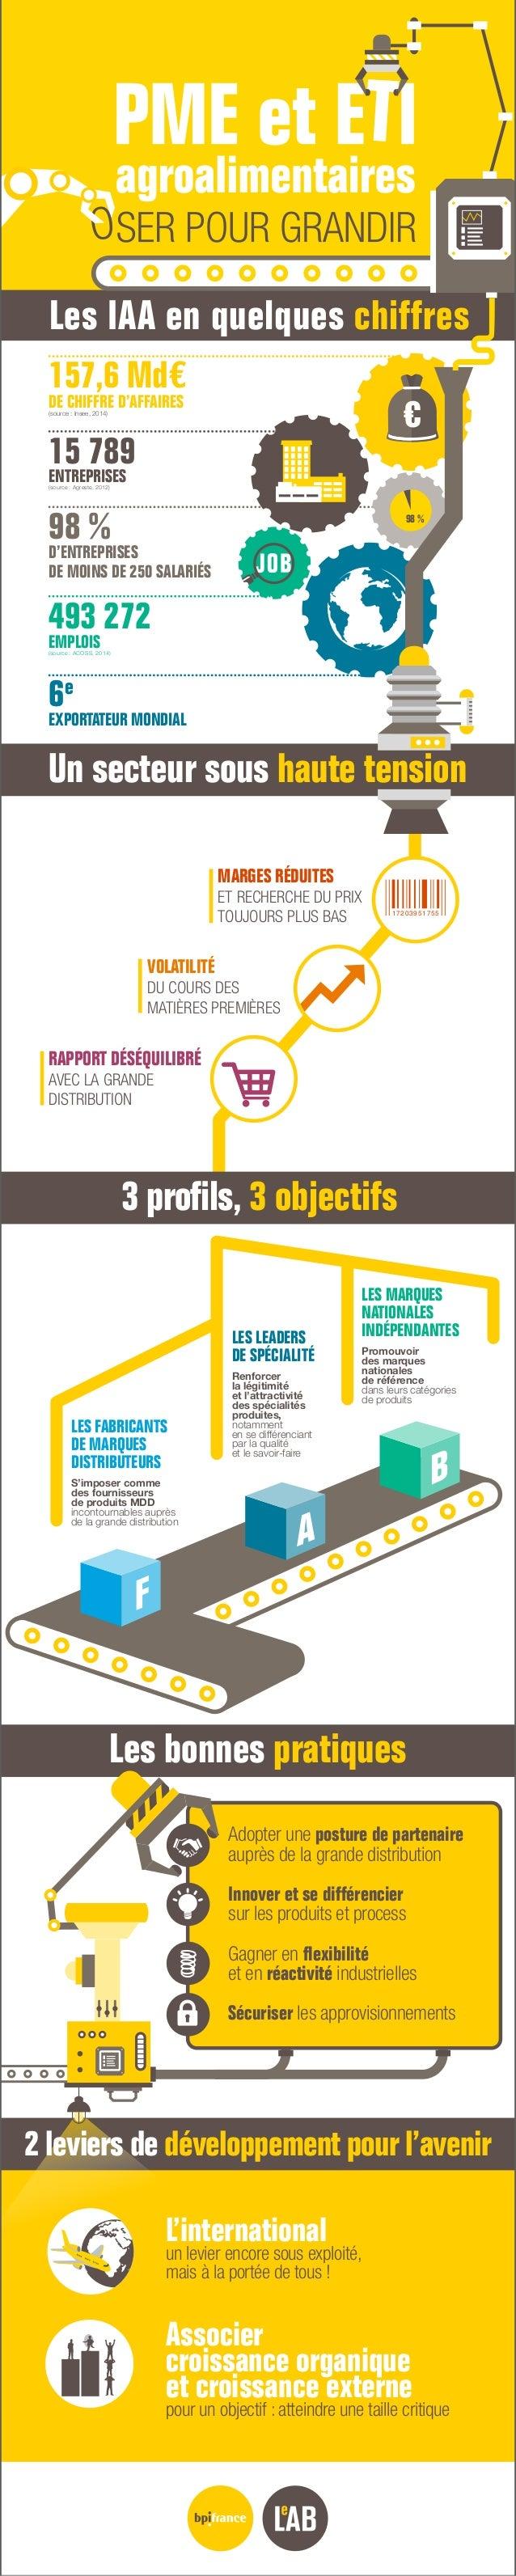 2 leviers de développement pour l'avenir 3 profils, 3 objectifs 15 789 ENTREPRISES(source : Agreste, 2012) 493 272 EMPLOIS...